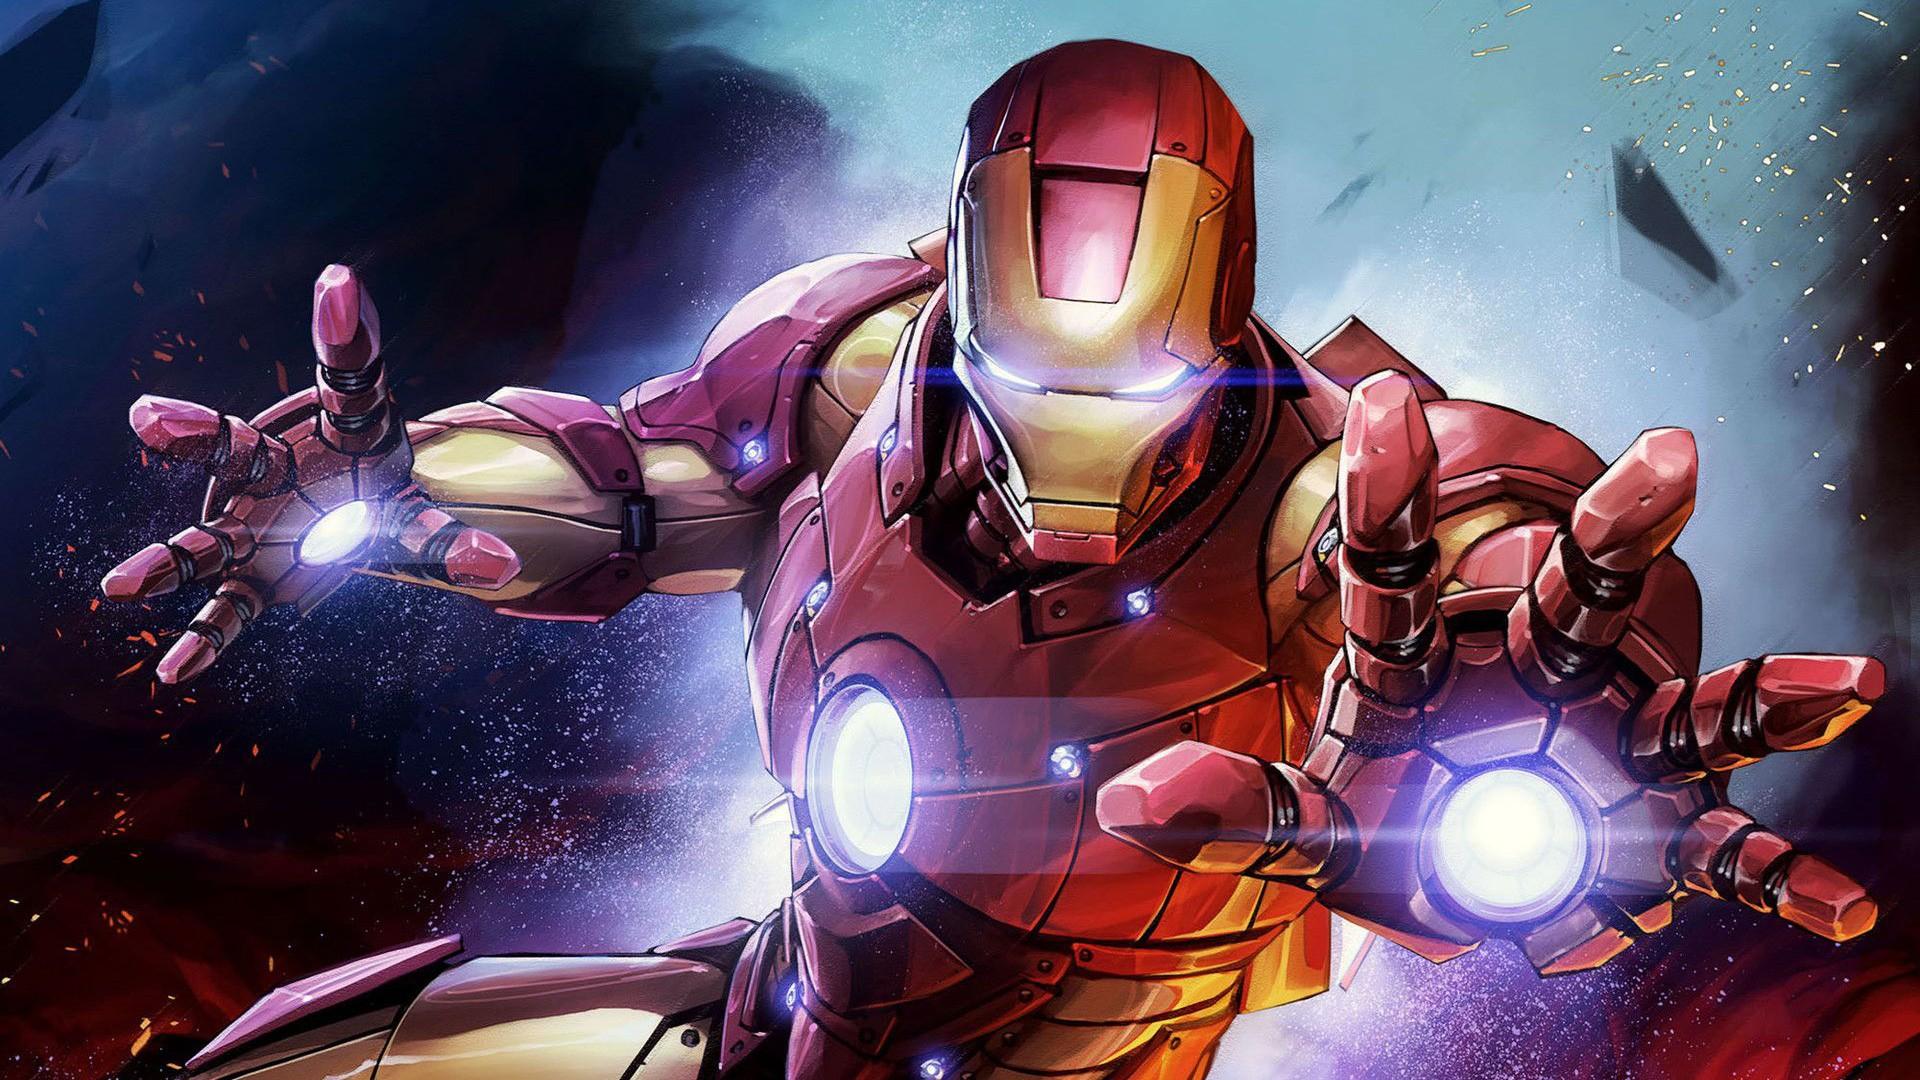 アイアンマンアート壁紙iphone スーパーヒーローの壁紙のhd 19x1080 Wallpapertip